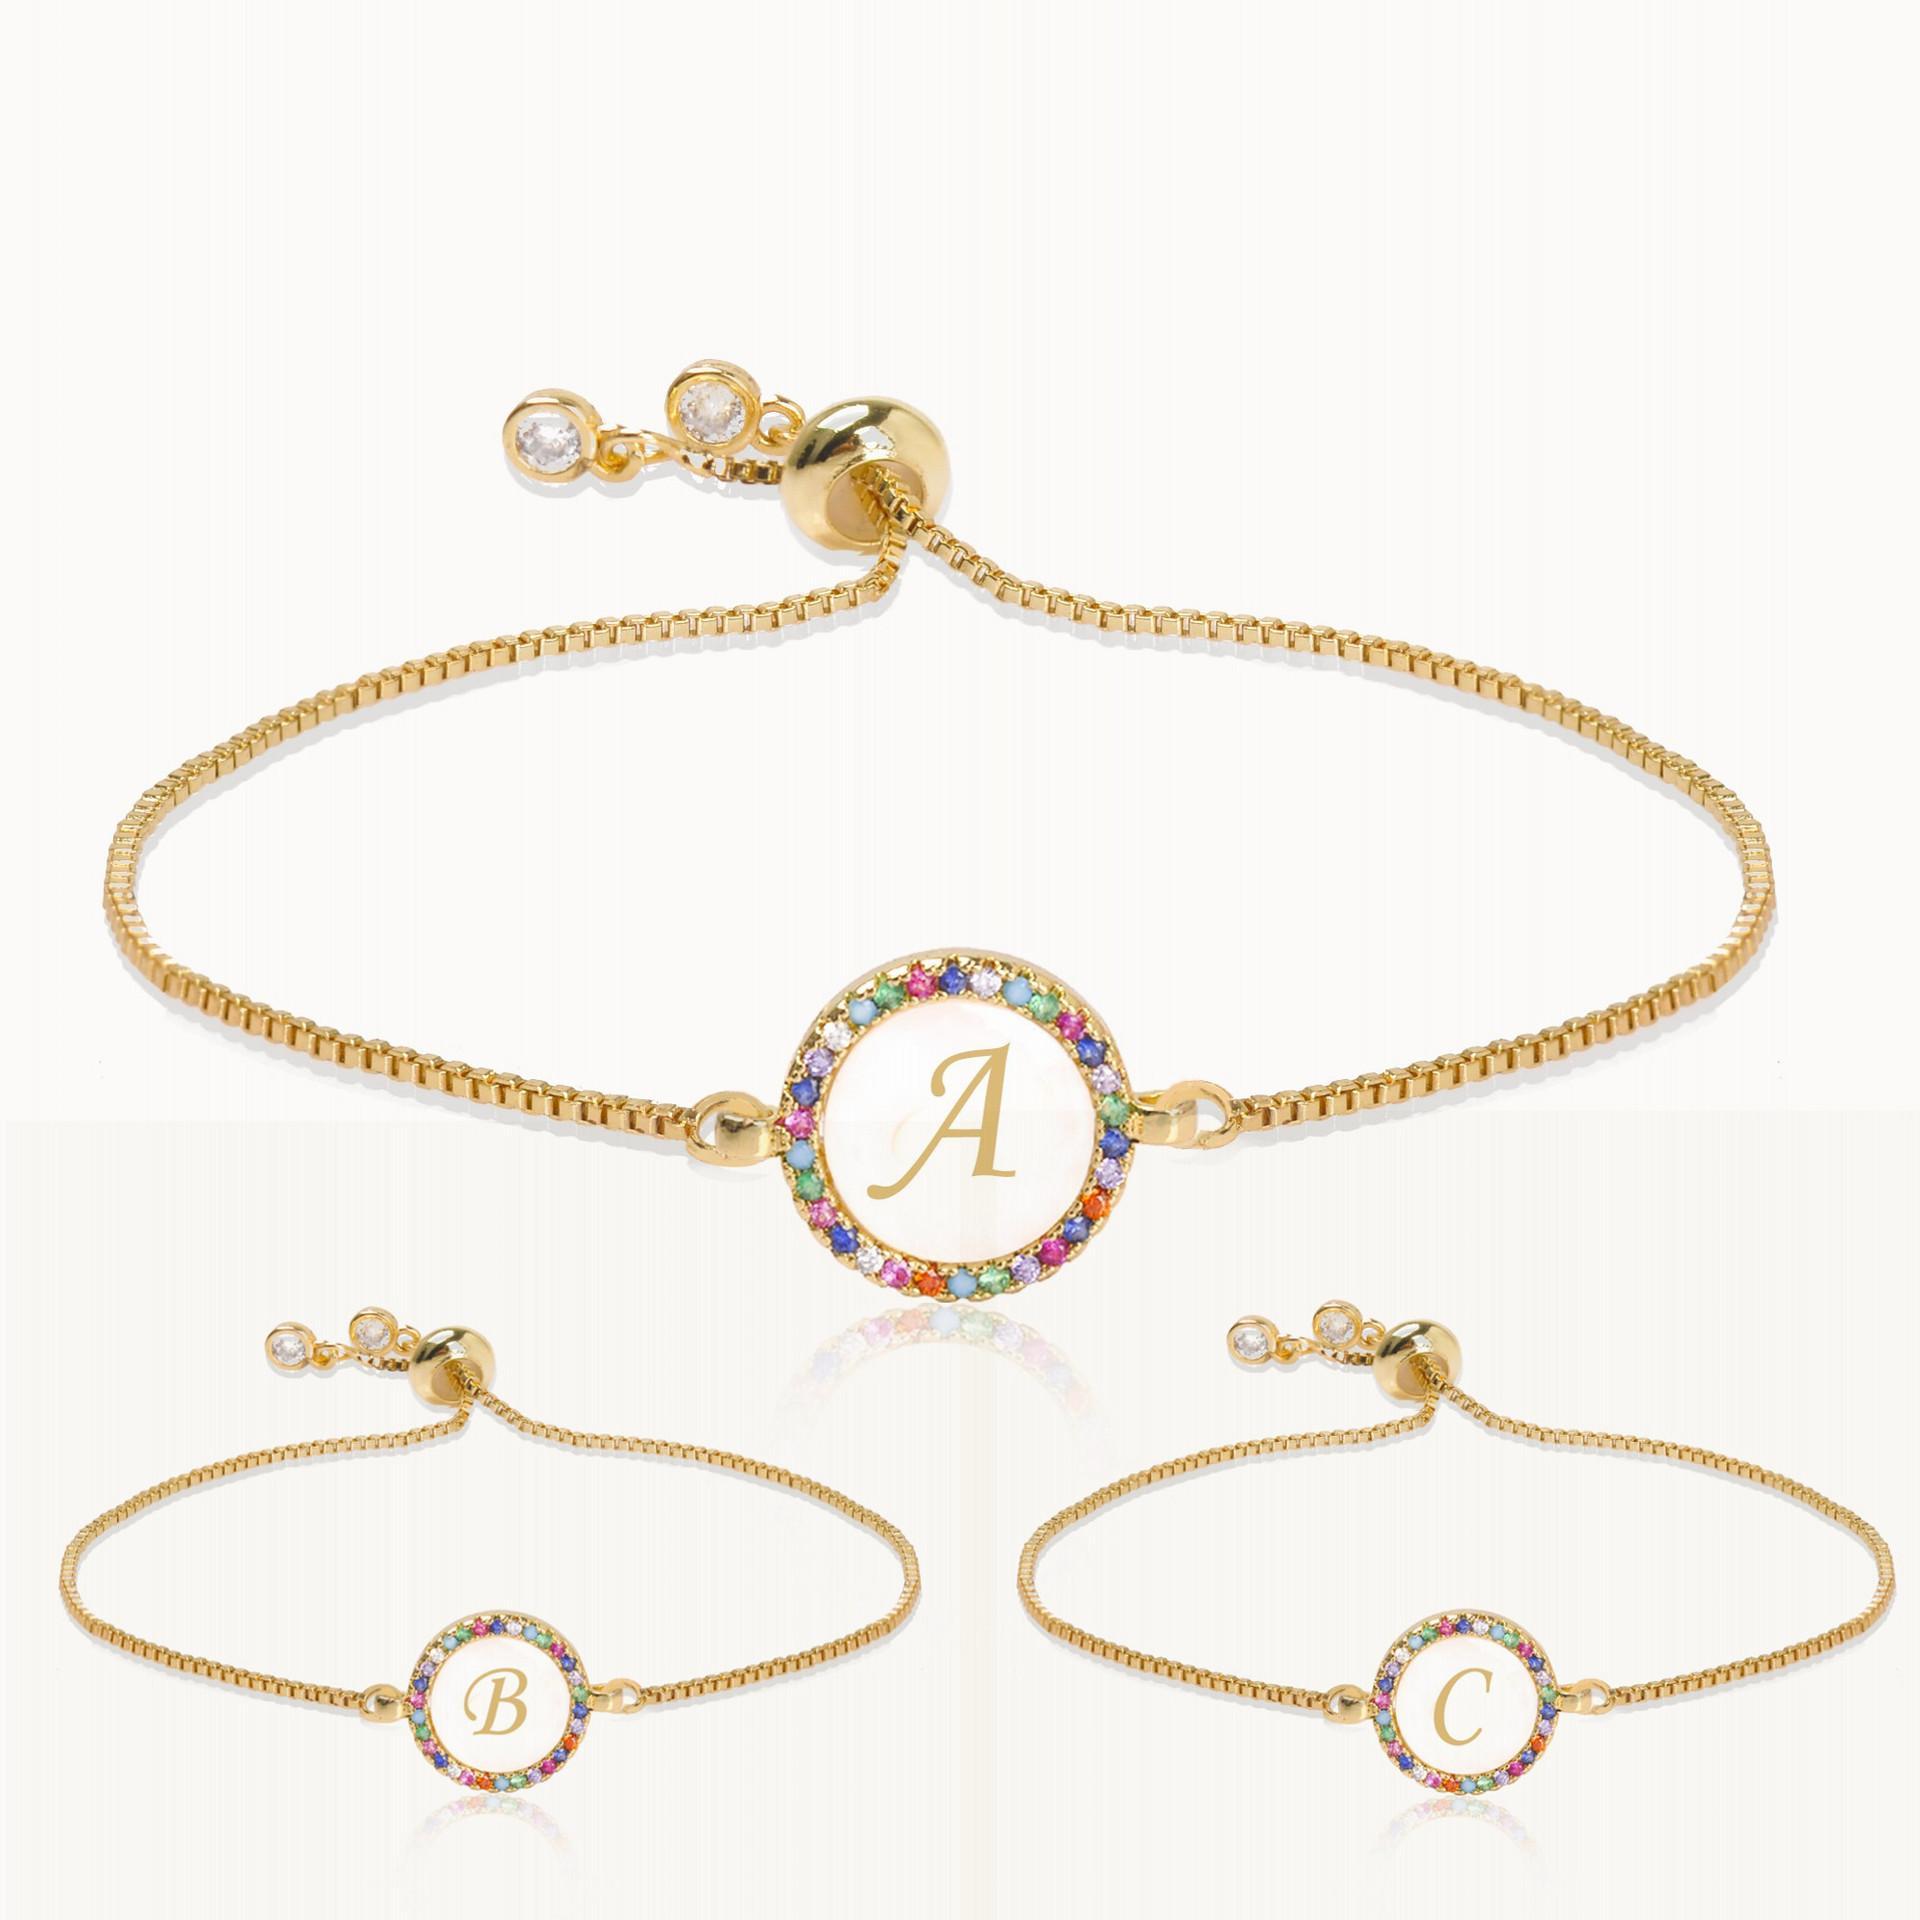 26 Carta Shell Rodada Charm Bracelet para o presente de Natal Mulheres do arco-íris Cz Cubic Zircon inicial Bangle Femme 17 centímetros ajustável cadeia de jóias